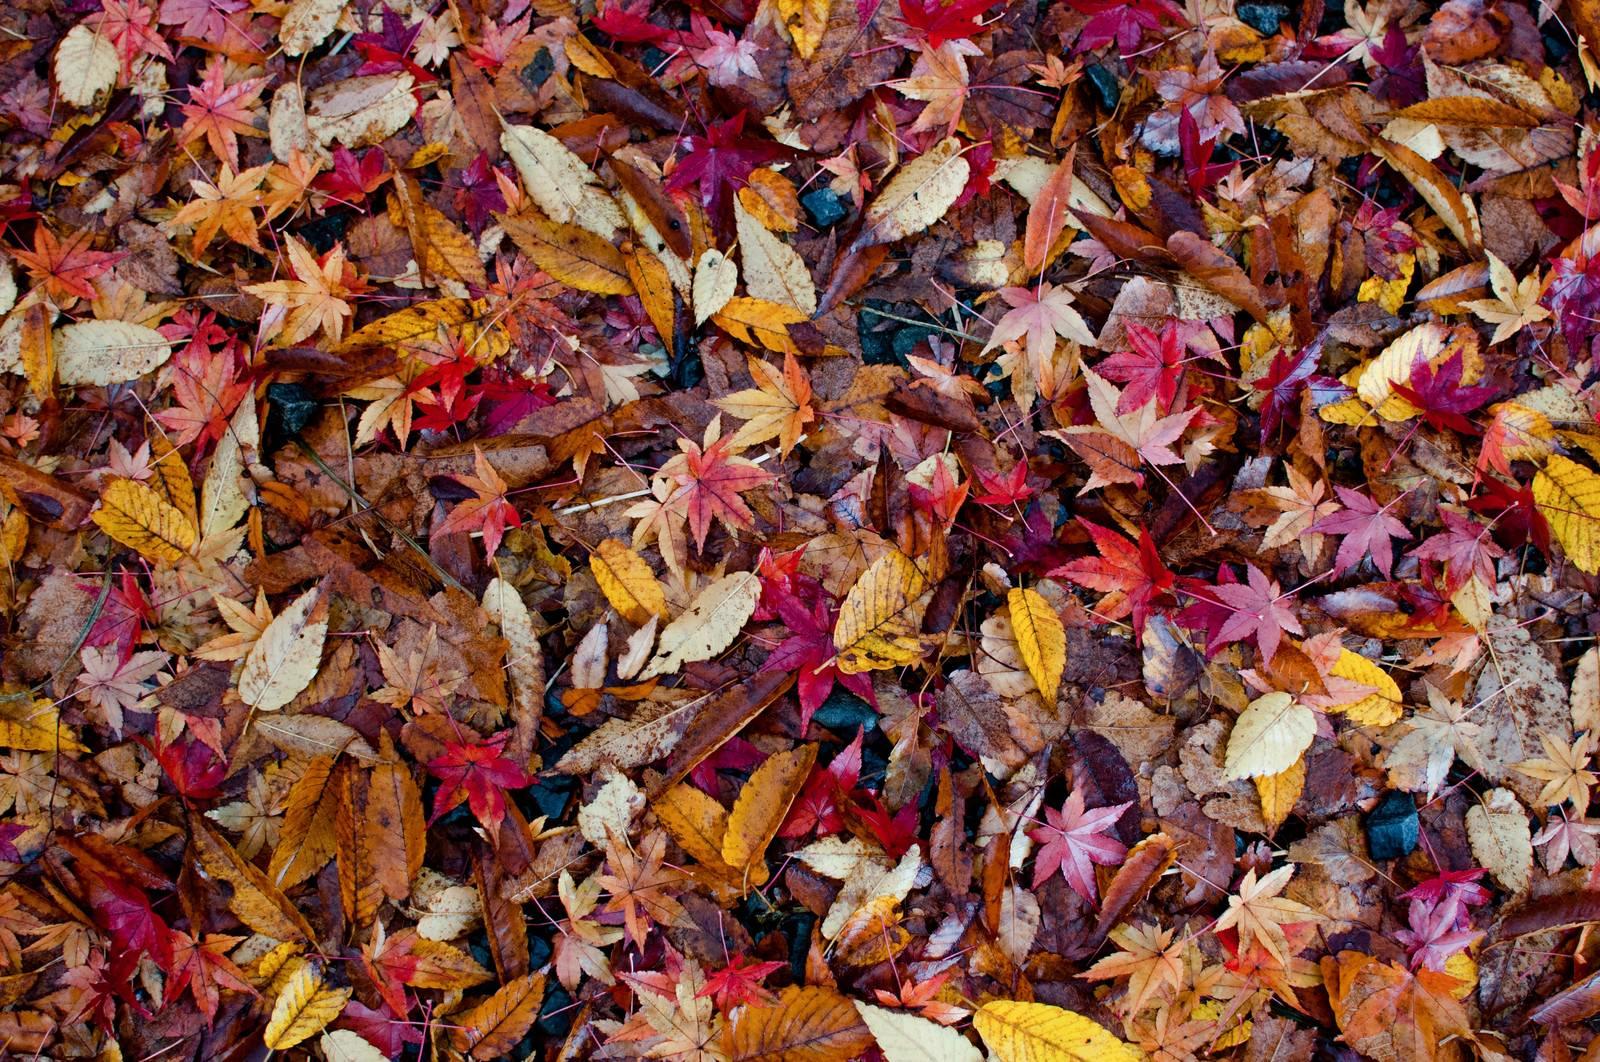 「落葉した葉のテクスチャー」の写真